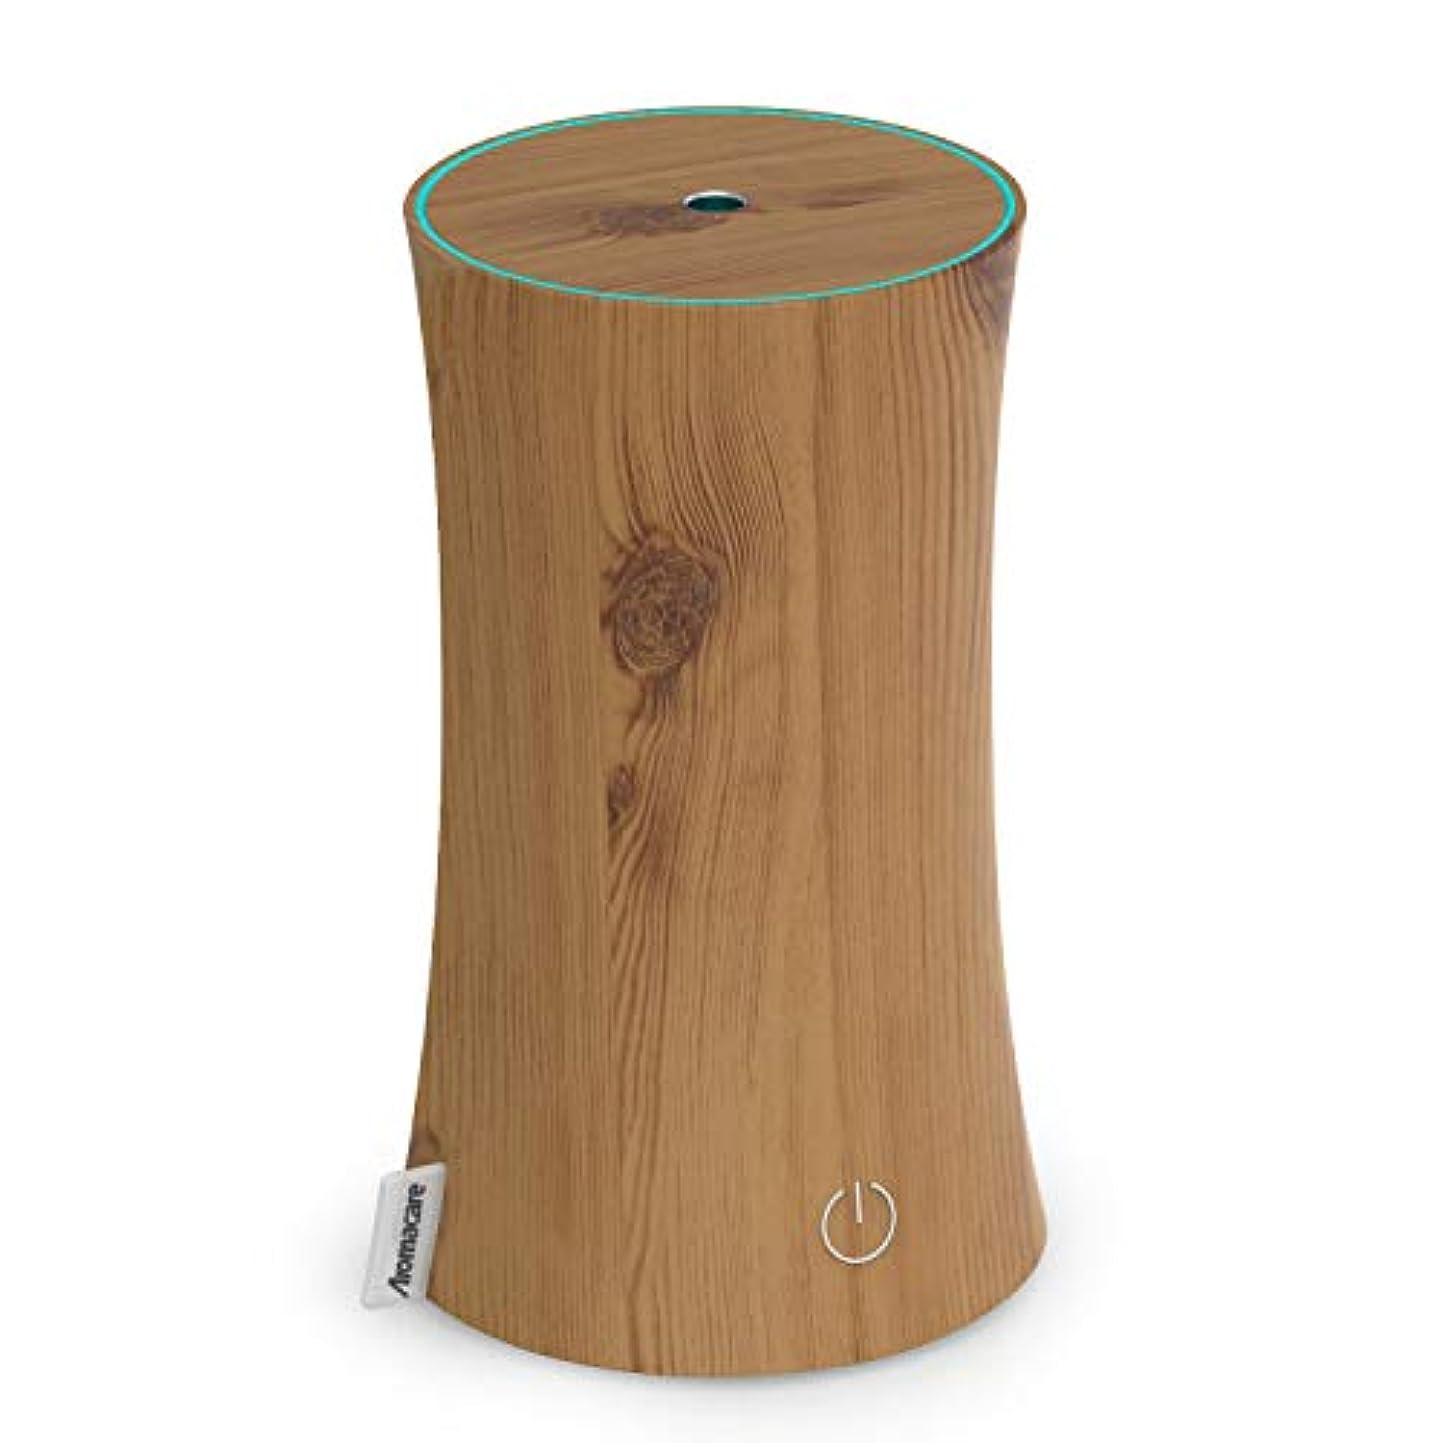 爆弾難民ウェブアロマディフューザー 卓上加湿器 センサー付き 超音波式 空焚き防止 低騒音 300ml 連続運転 各場所用 省エネ 木目調 木の色